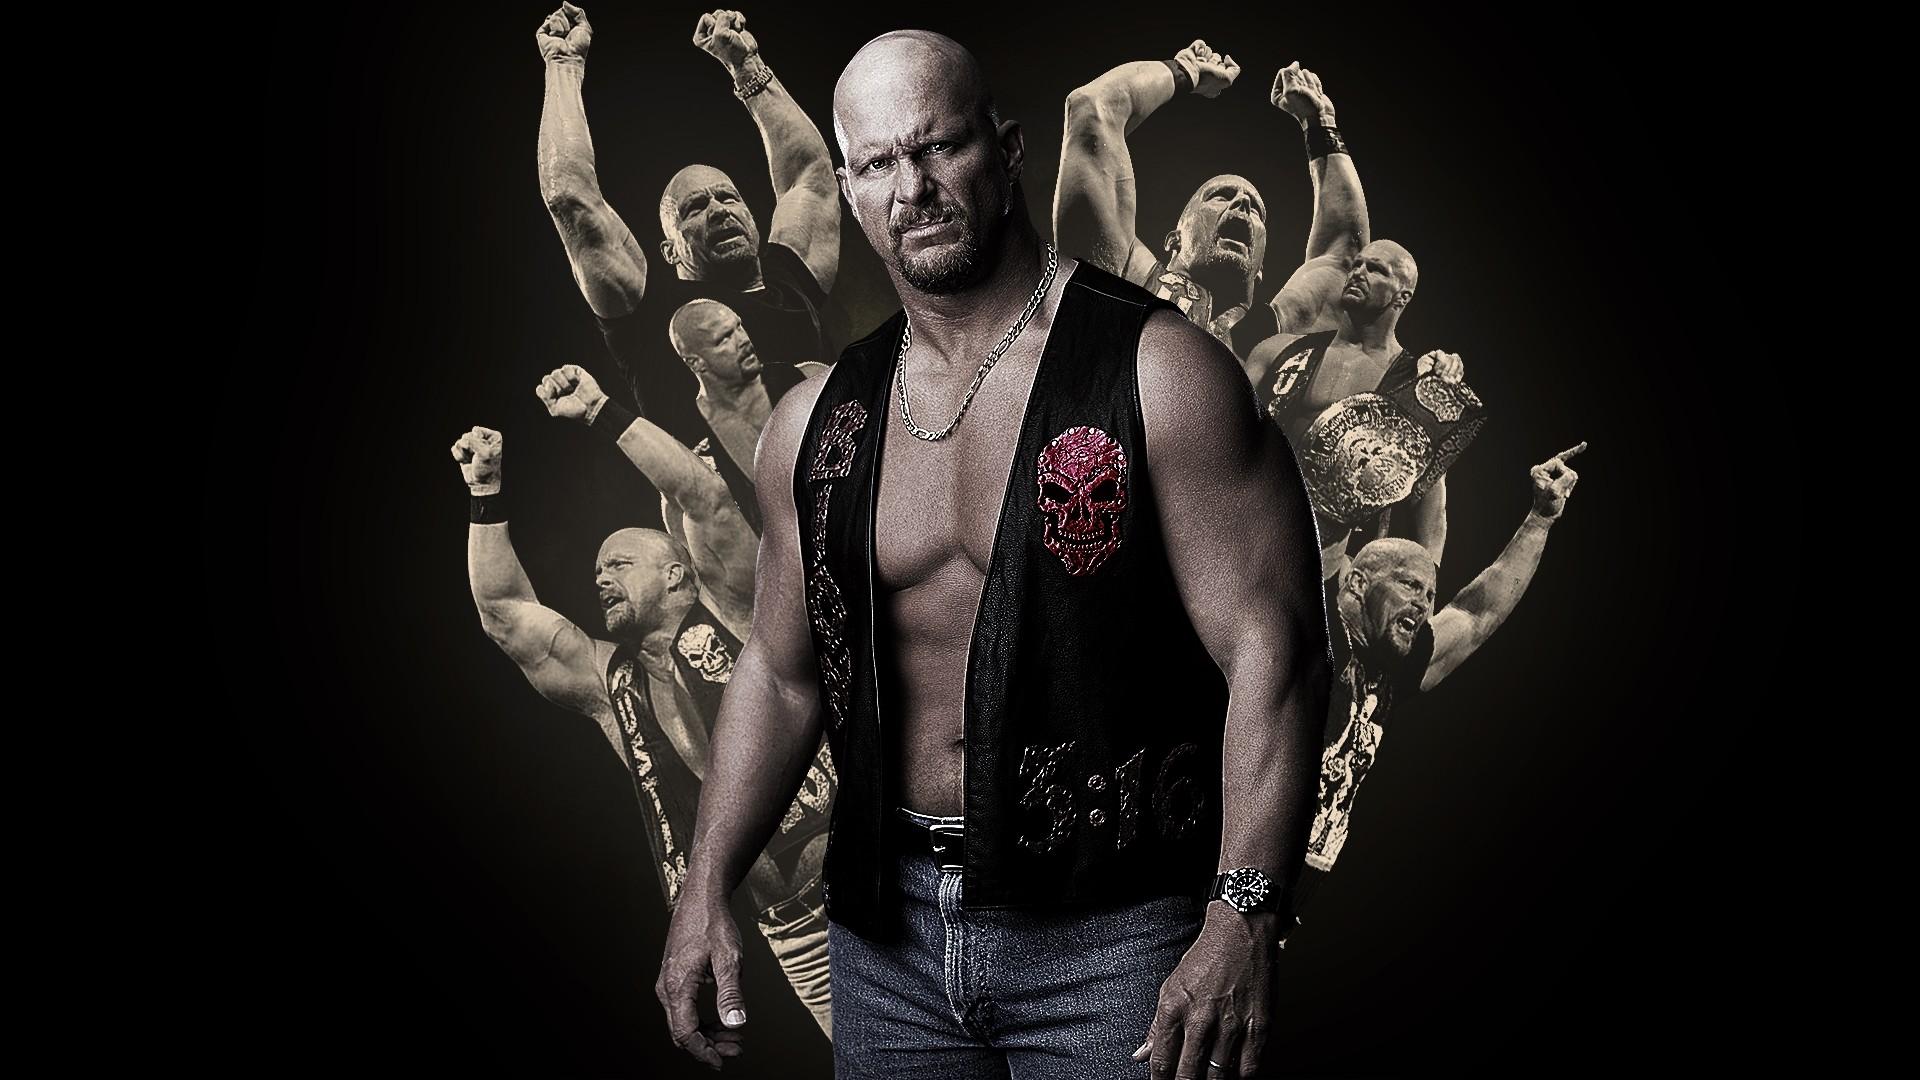 WWE HD Wallpapers 7 | WWE HD Wallpapers | Pinterest | Wwe wallpapers,  Wallpaper and Hd wallpaper